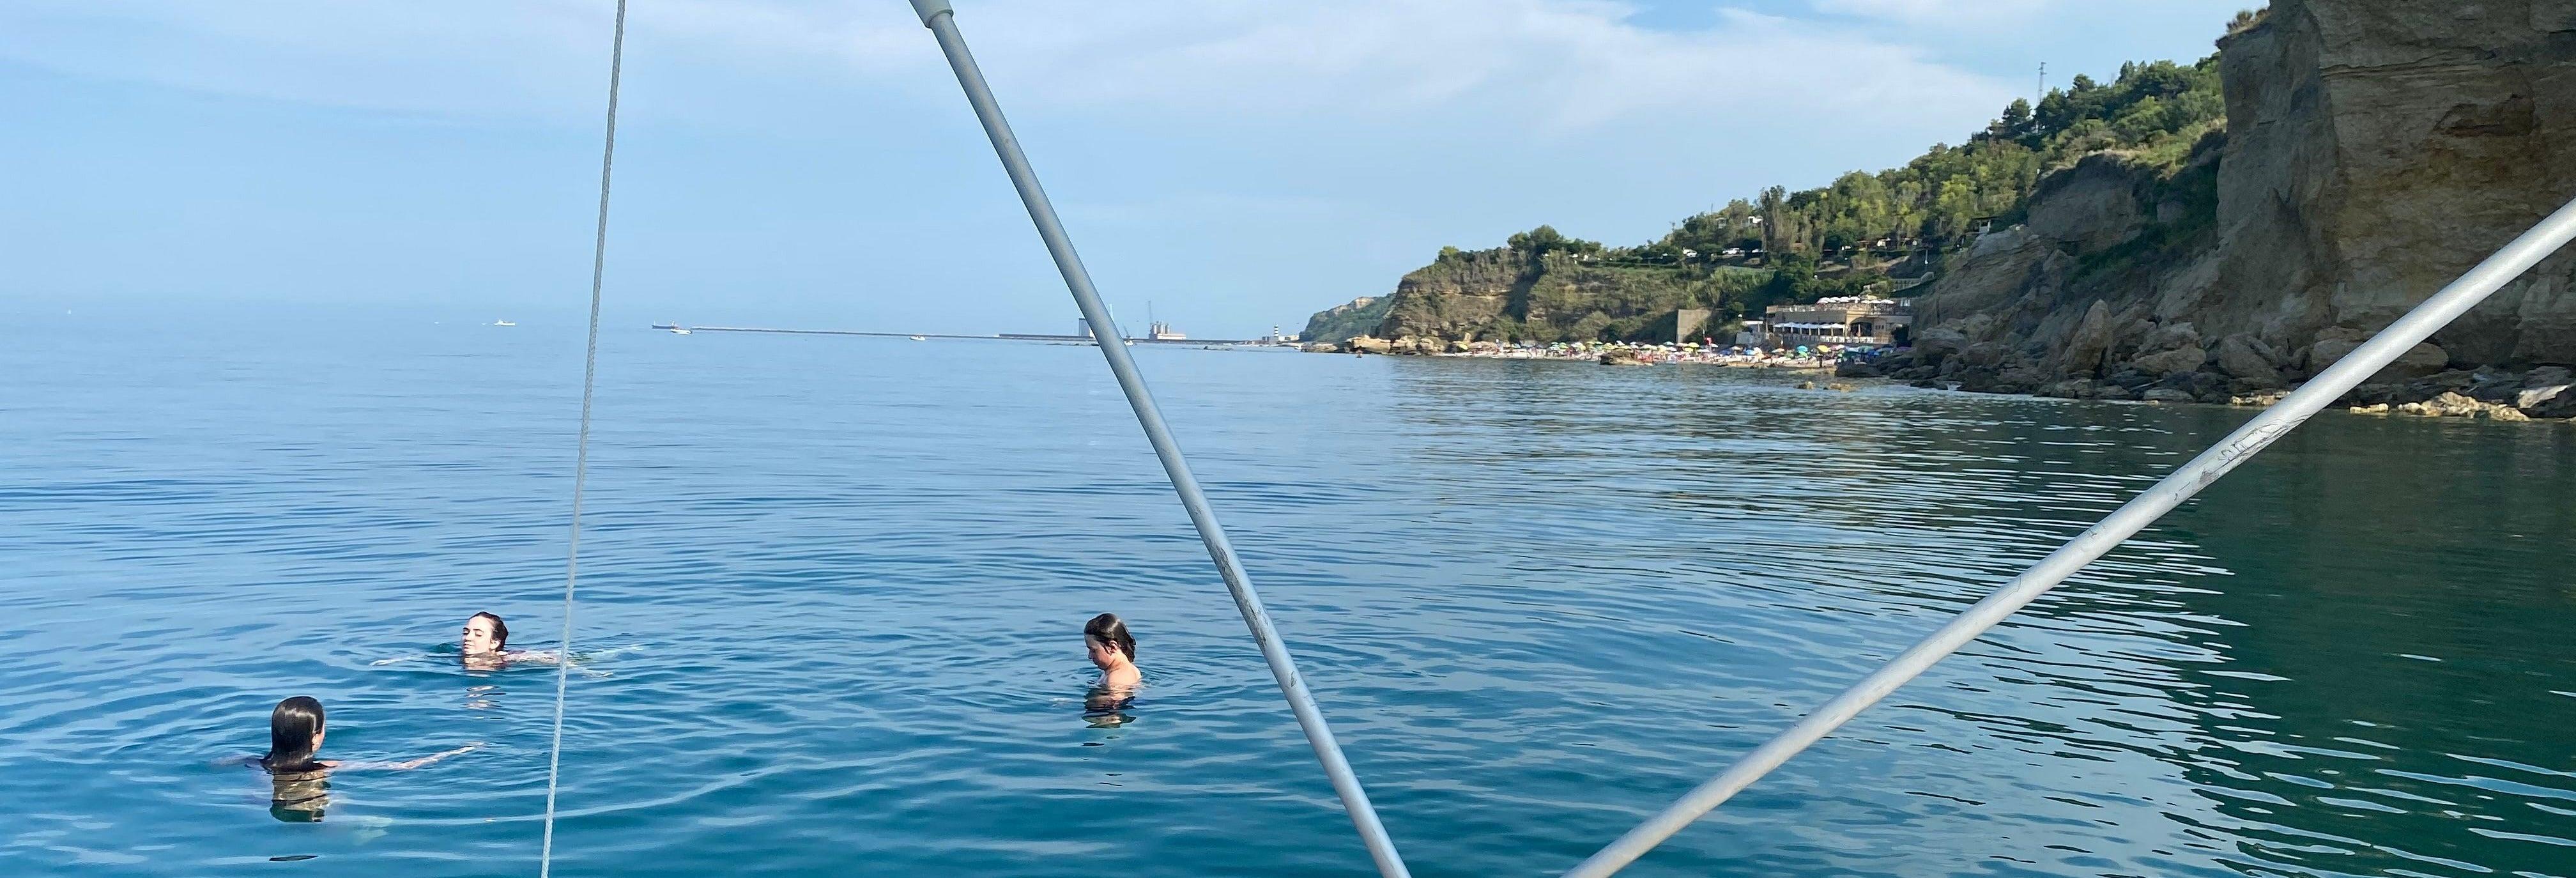 Balade en bateau sur la côte de Trabocchi